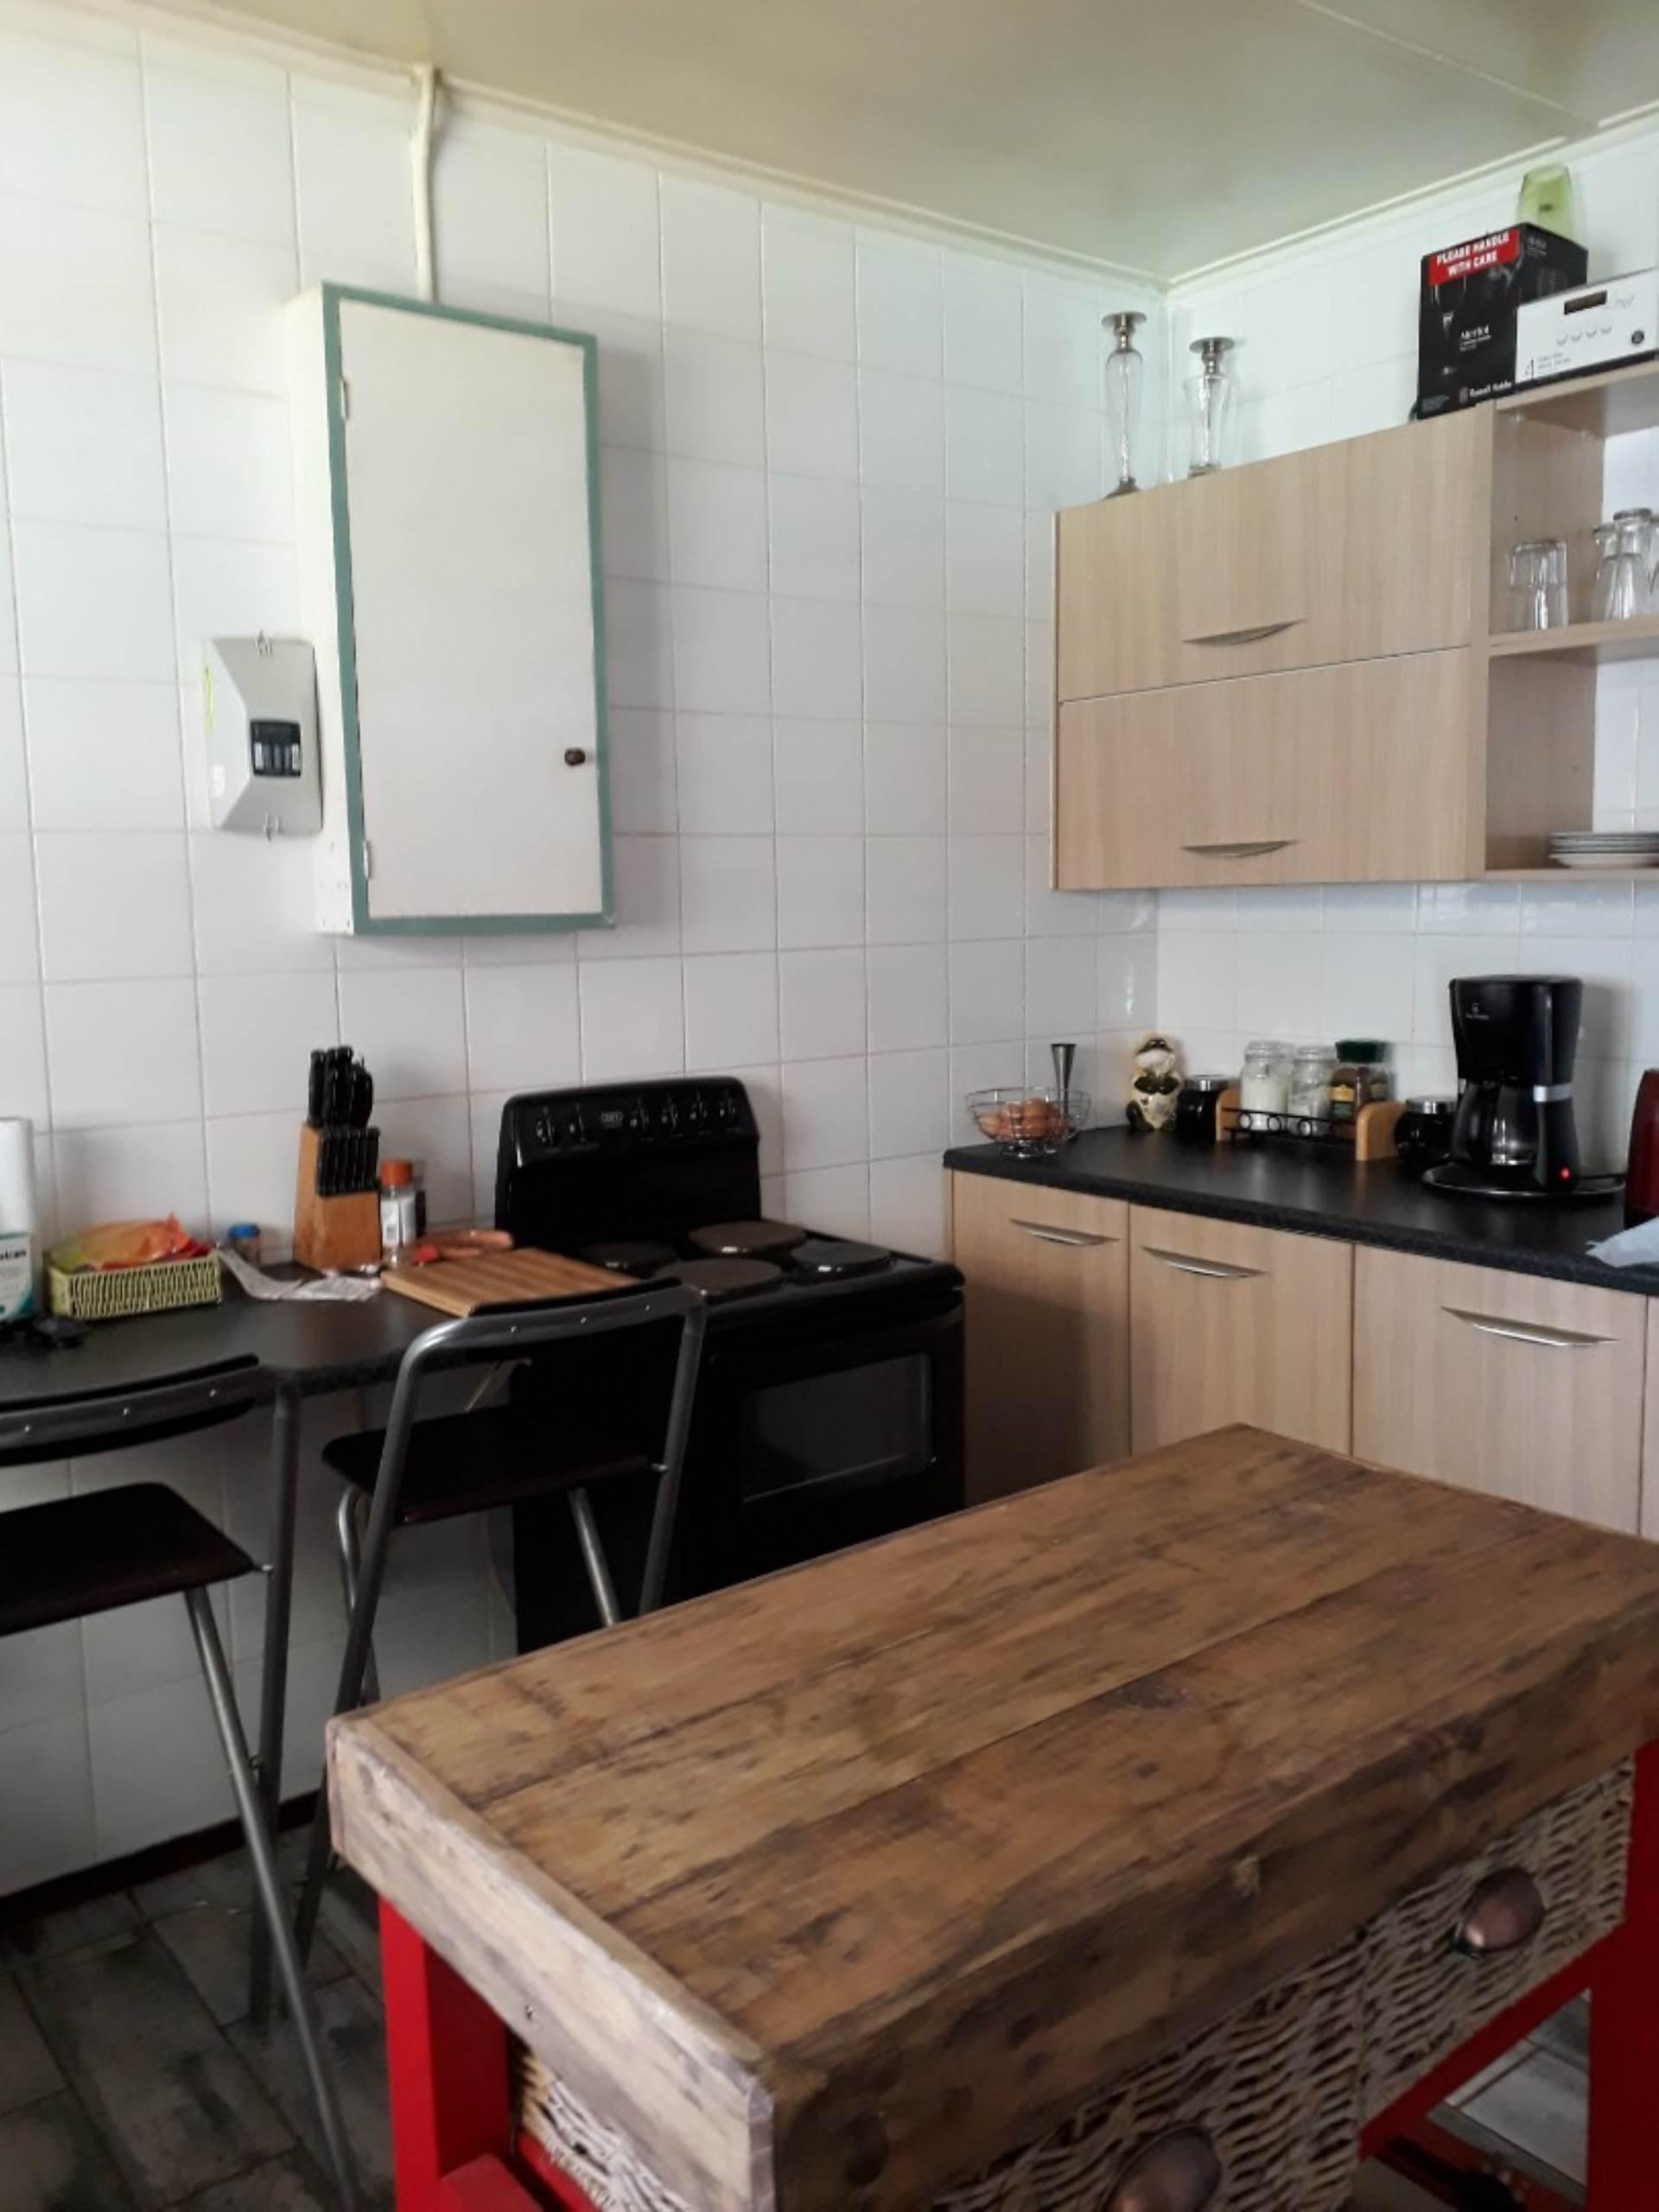 3 BedroomHouse To Rent In Vanderbijlpark Central West 2